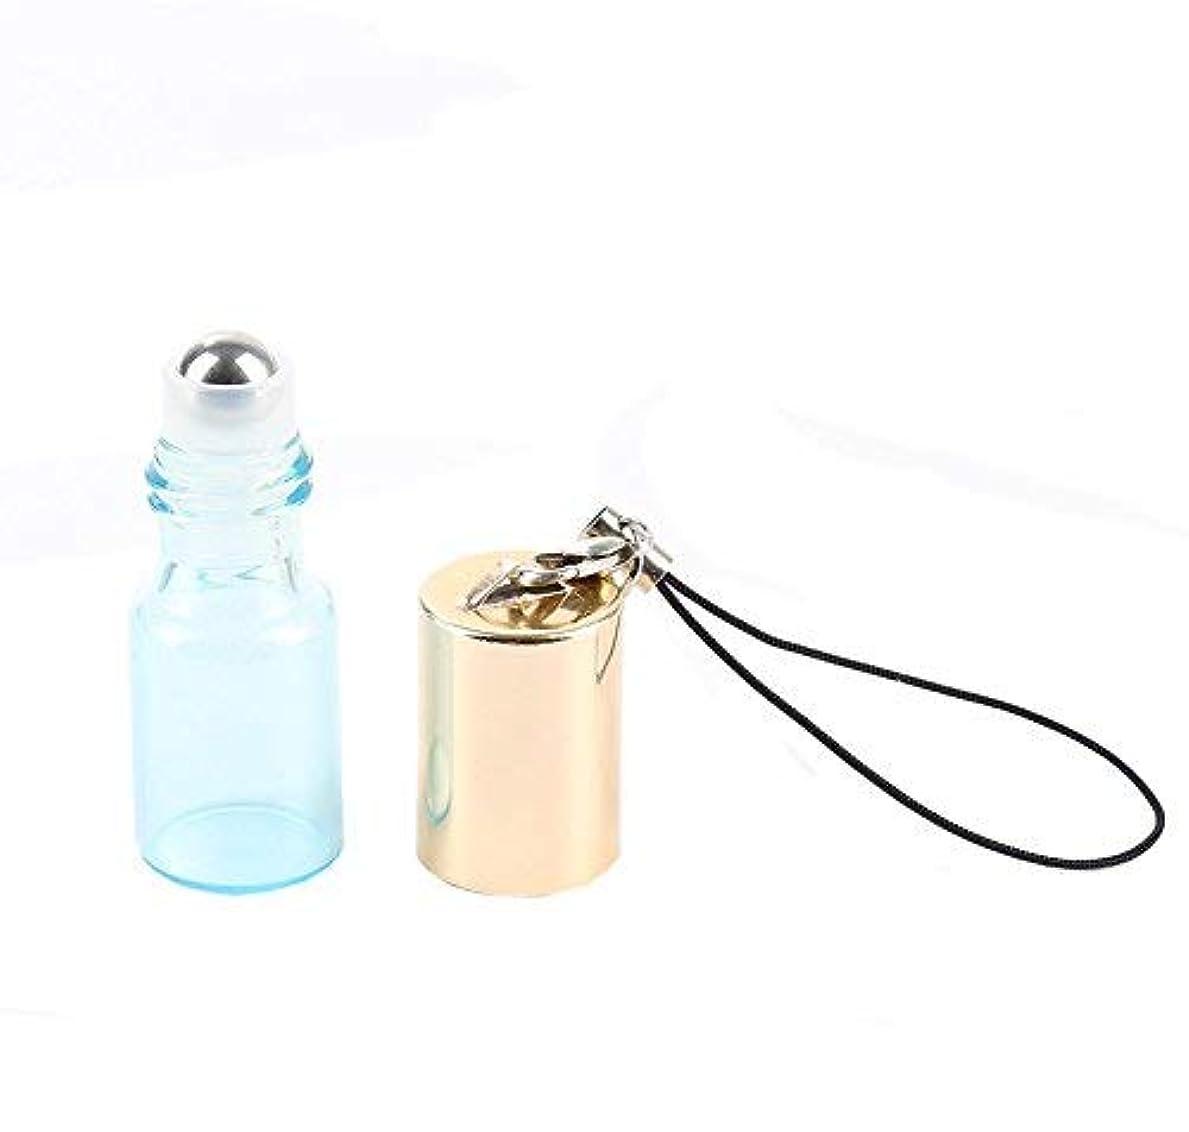 お願いしますダッシュバケツEmpty Roller Bottles - Pack of 12 3ml Pearl Colored Glass Roll-on Bottles for Essential Oil Container with Golden...